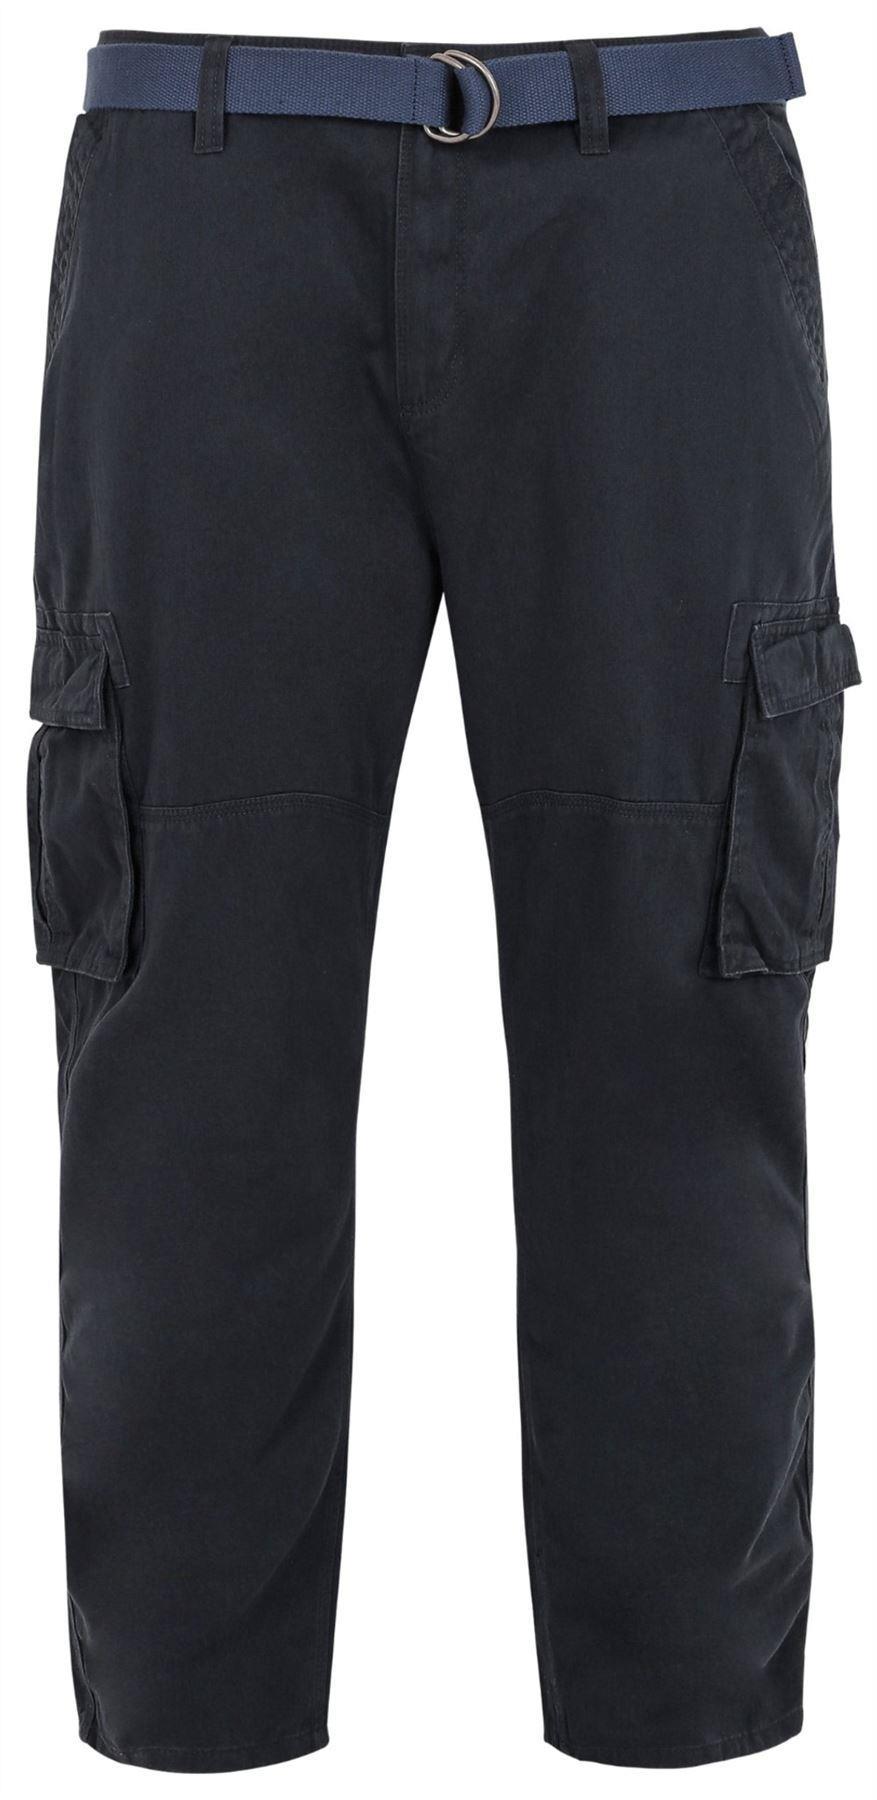 Bad Rhino Cargo Trousers - Navy|56W32L